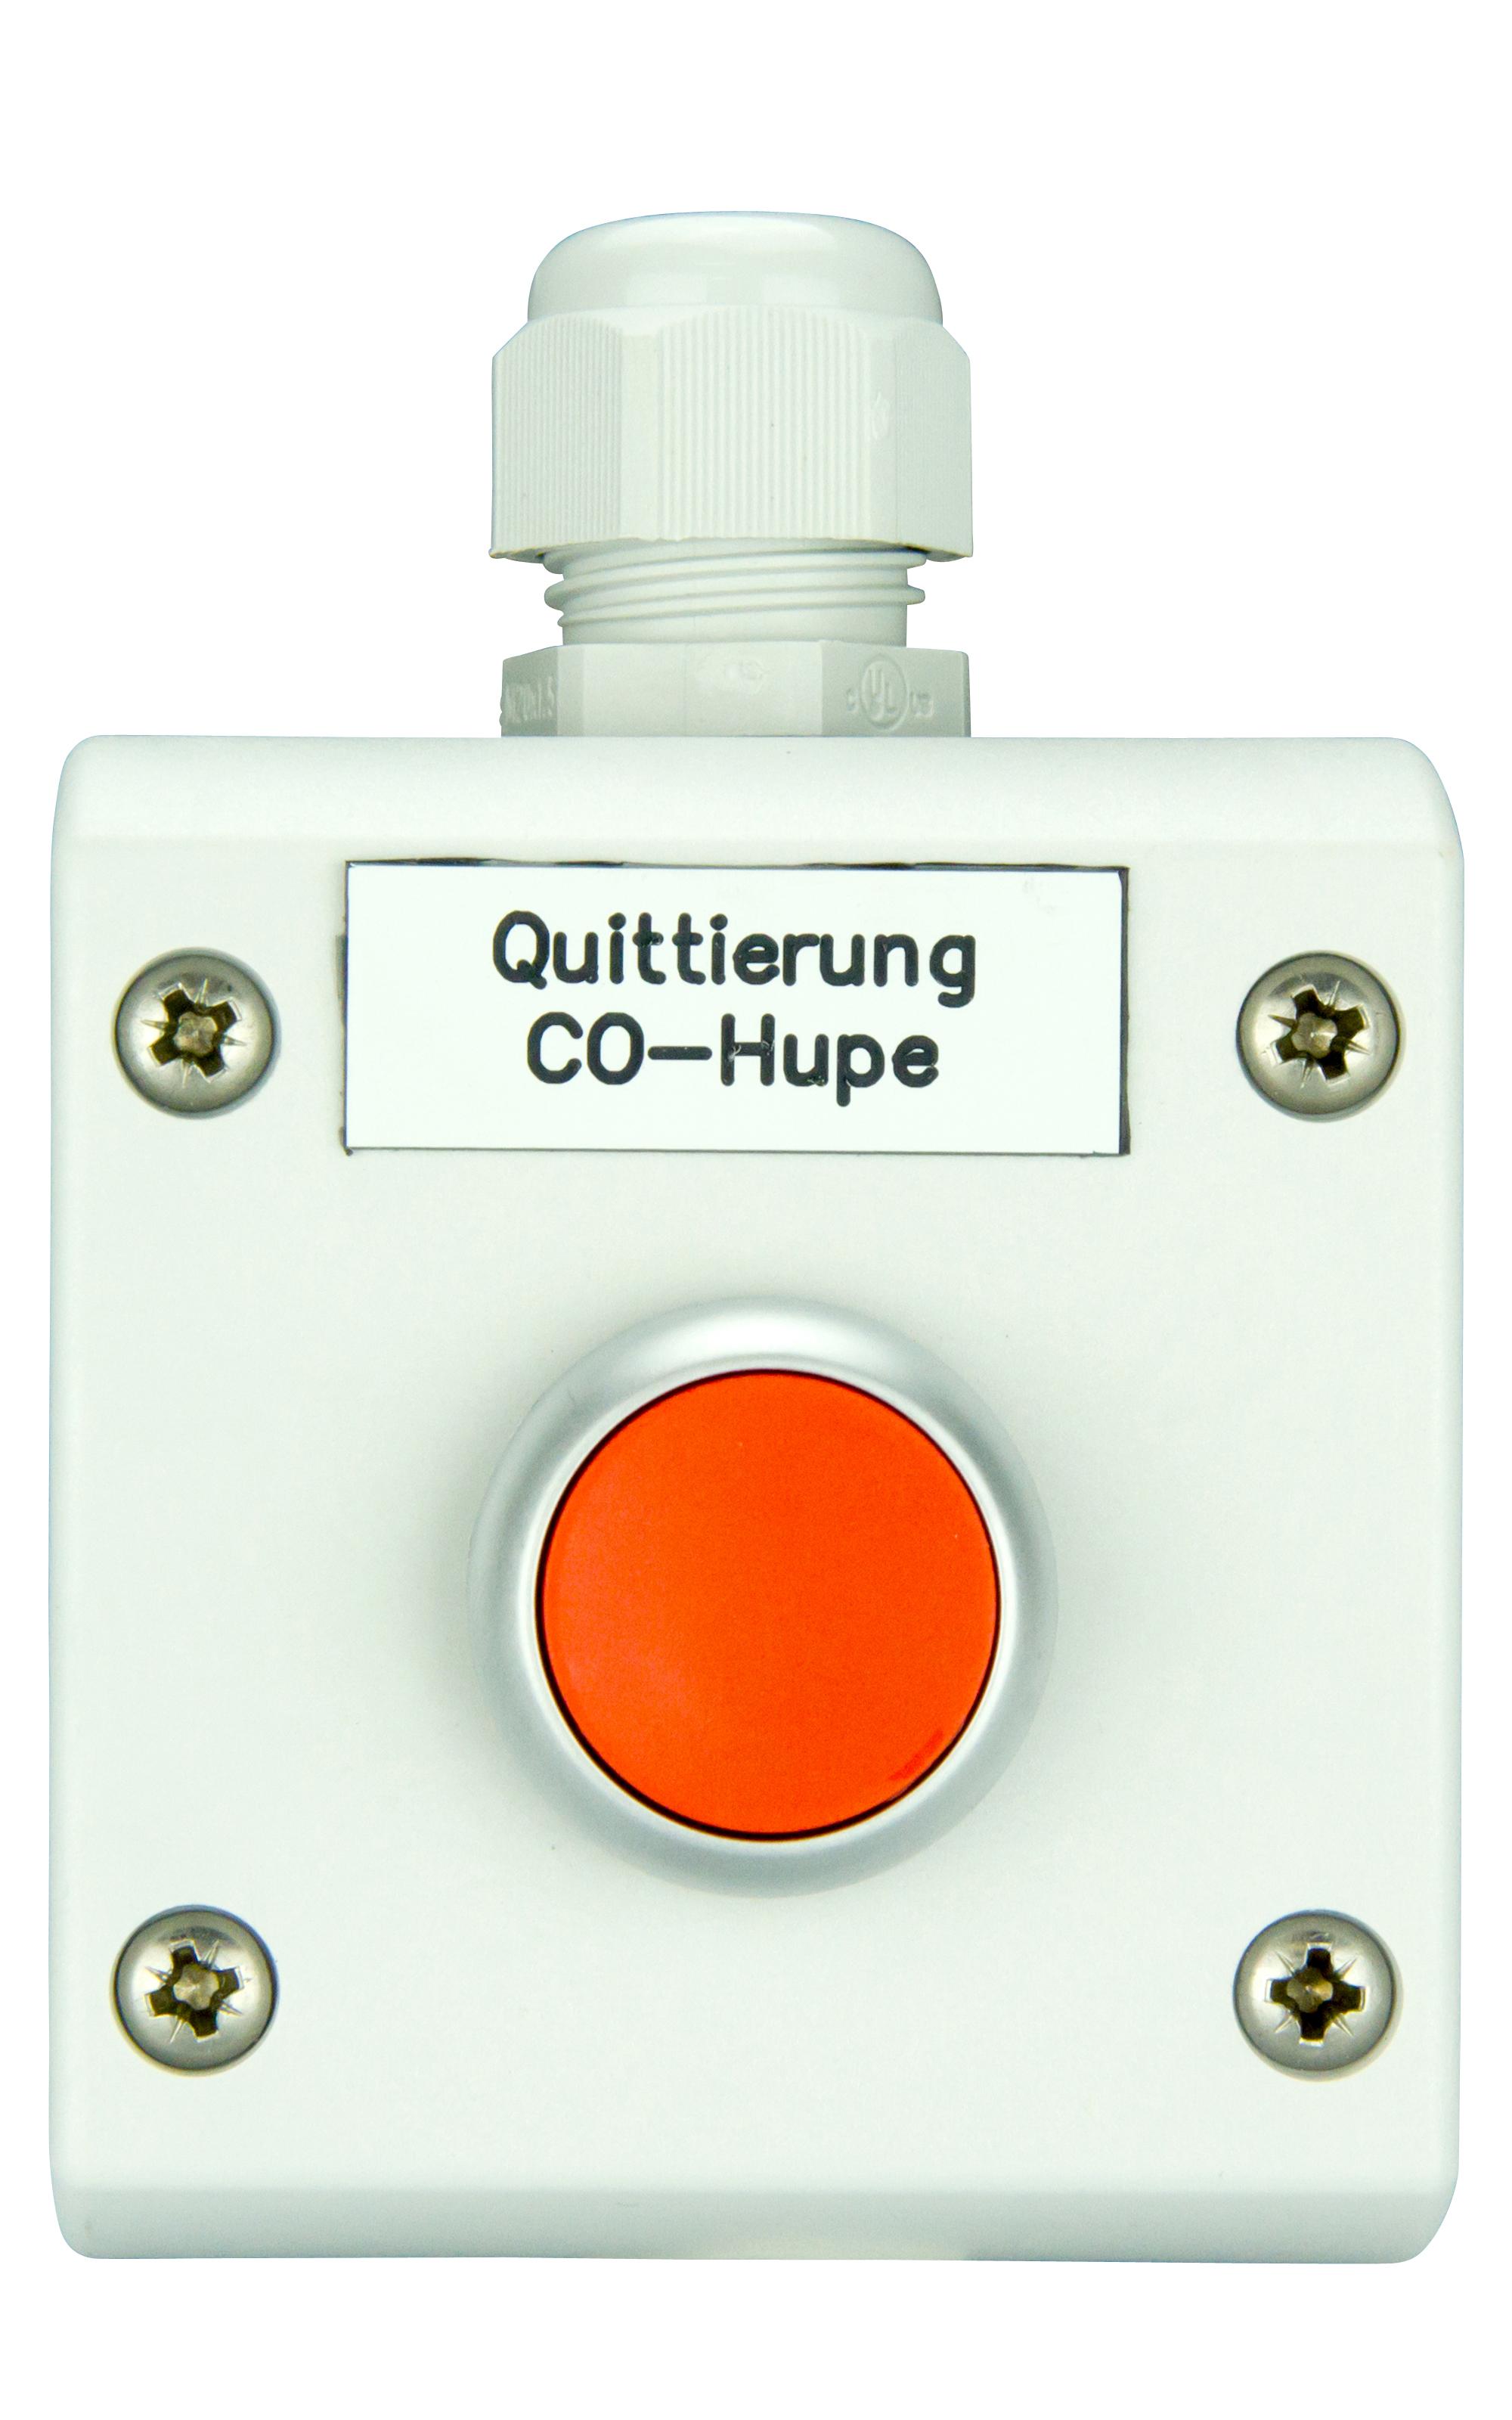 1 Stk Hupenquittiertaster für CO Anlagen COHQ------